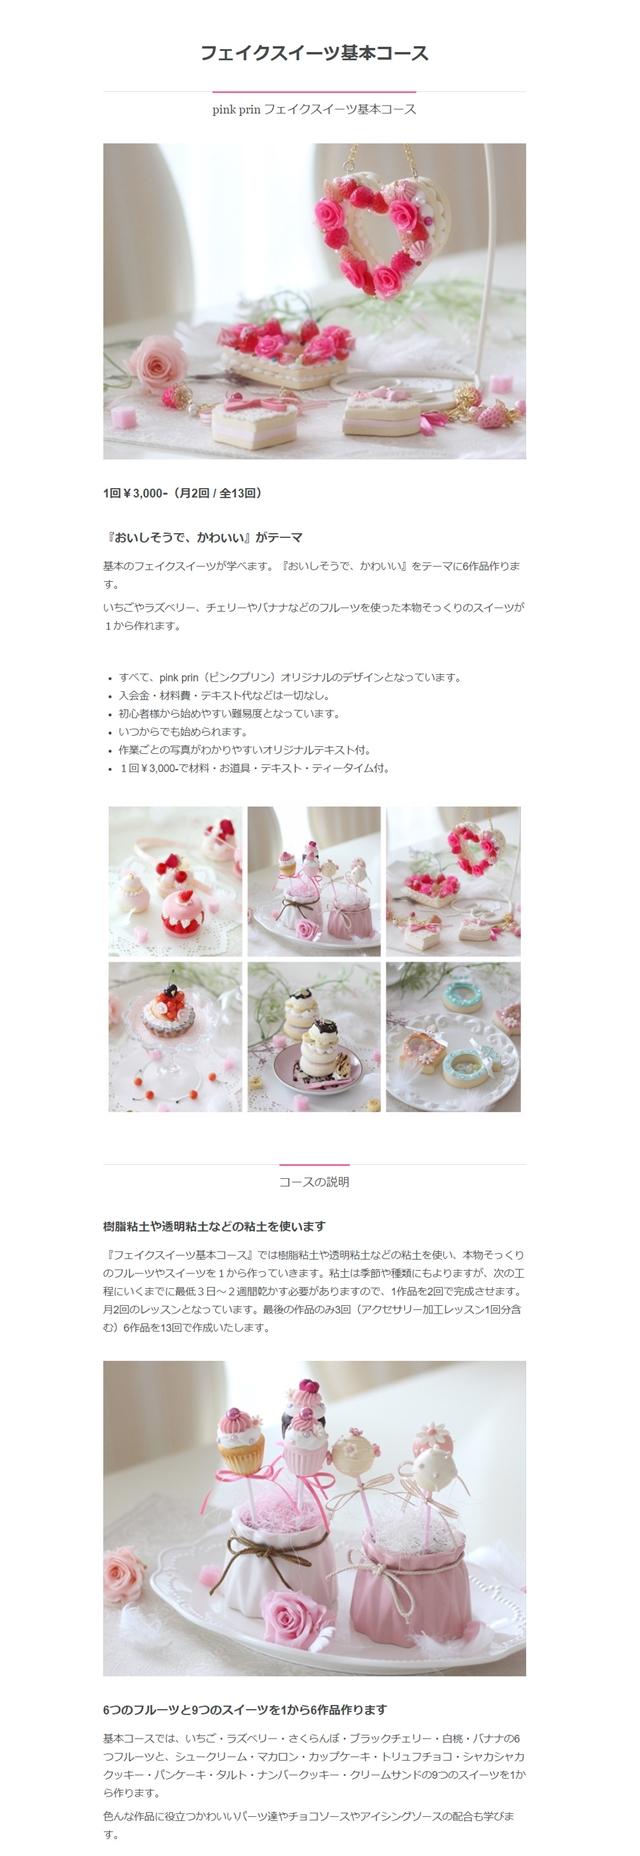 アメーバオウンドホームページ作成講座:お花とフェイクスイーツのお教室|pink prinピンクプリンさま|フェイクスイーツ基本コース